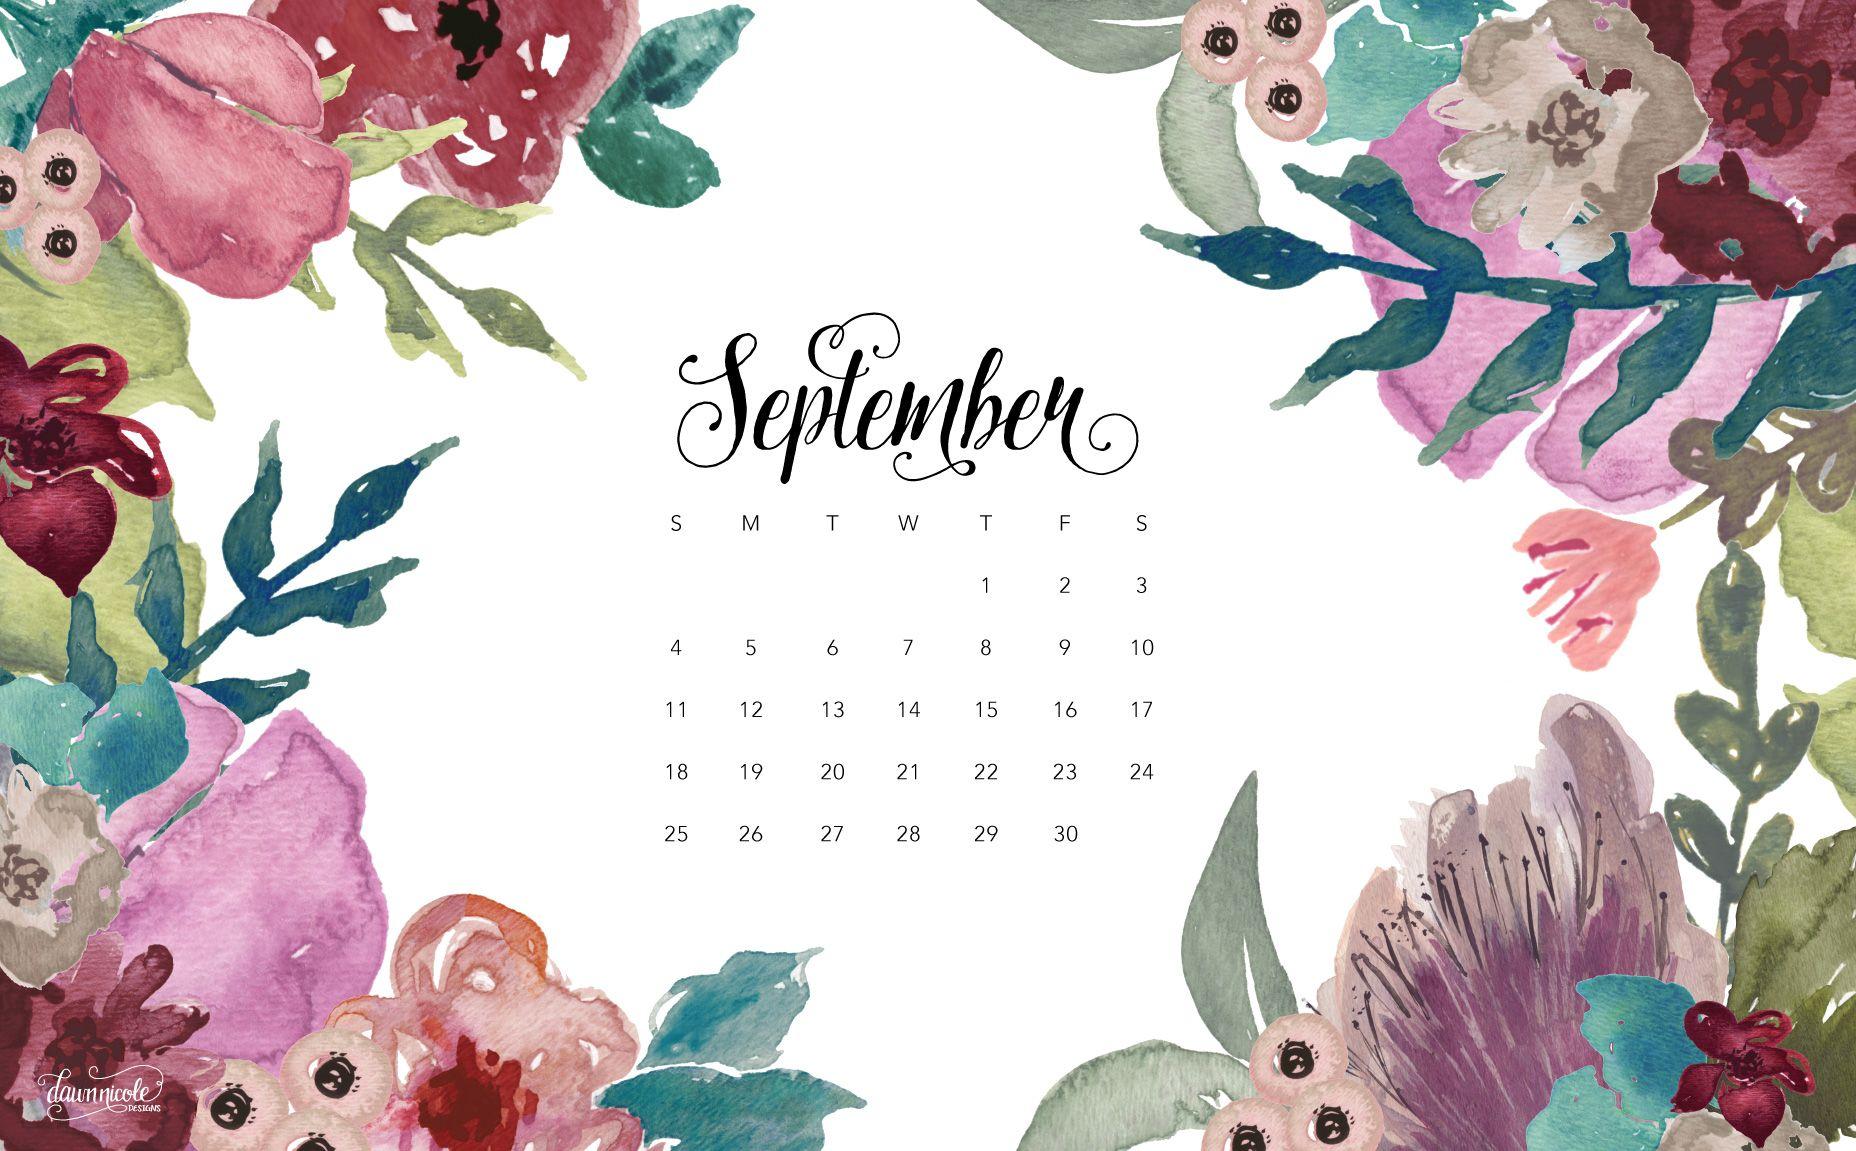 September2016CalendarDesktopDawnNicoleDesigns.jpg